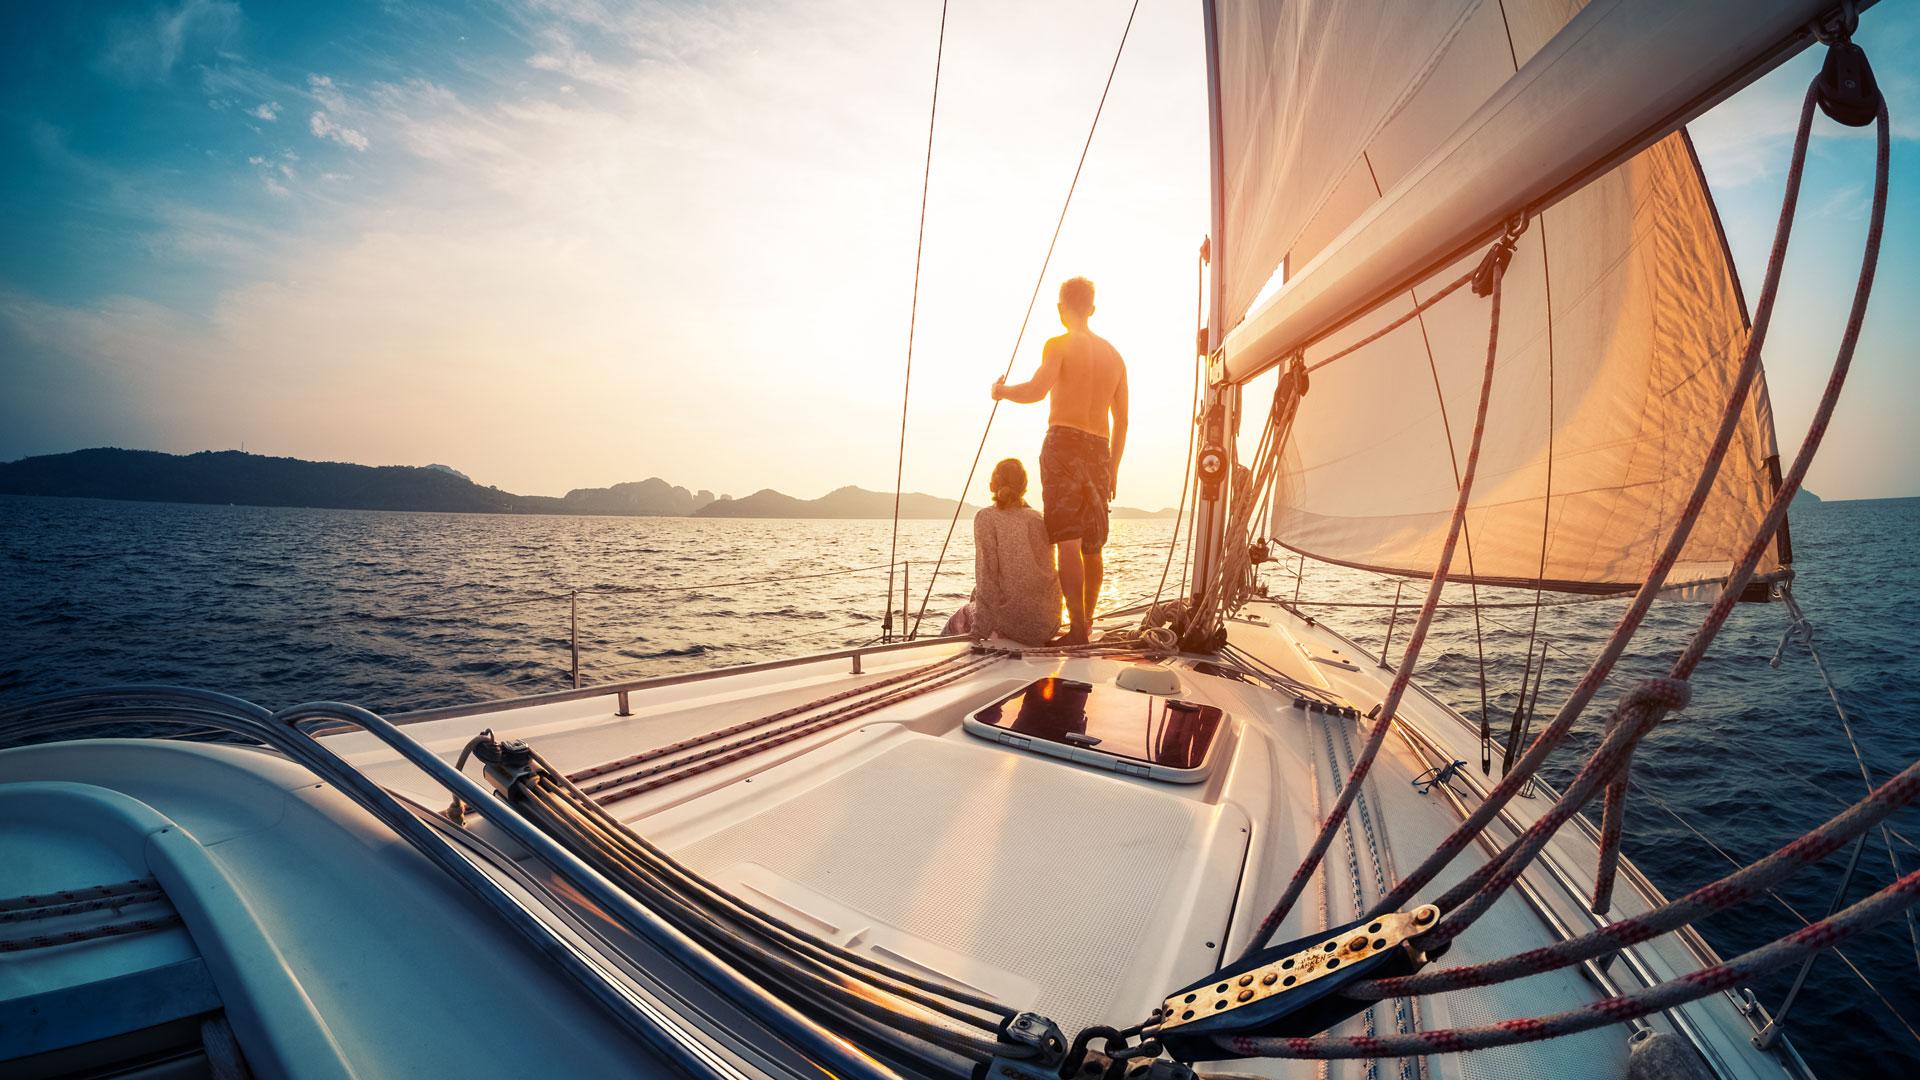 OMYC Orust Marina Yacht Club - Båtplatser på Orust